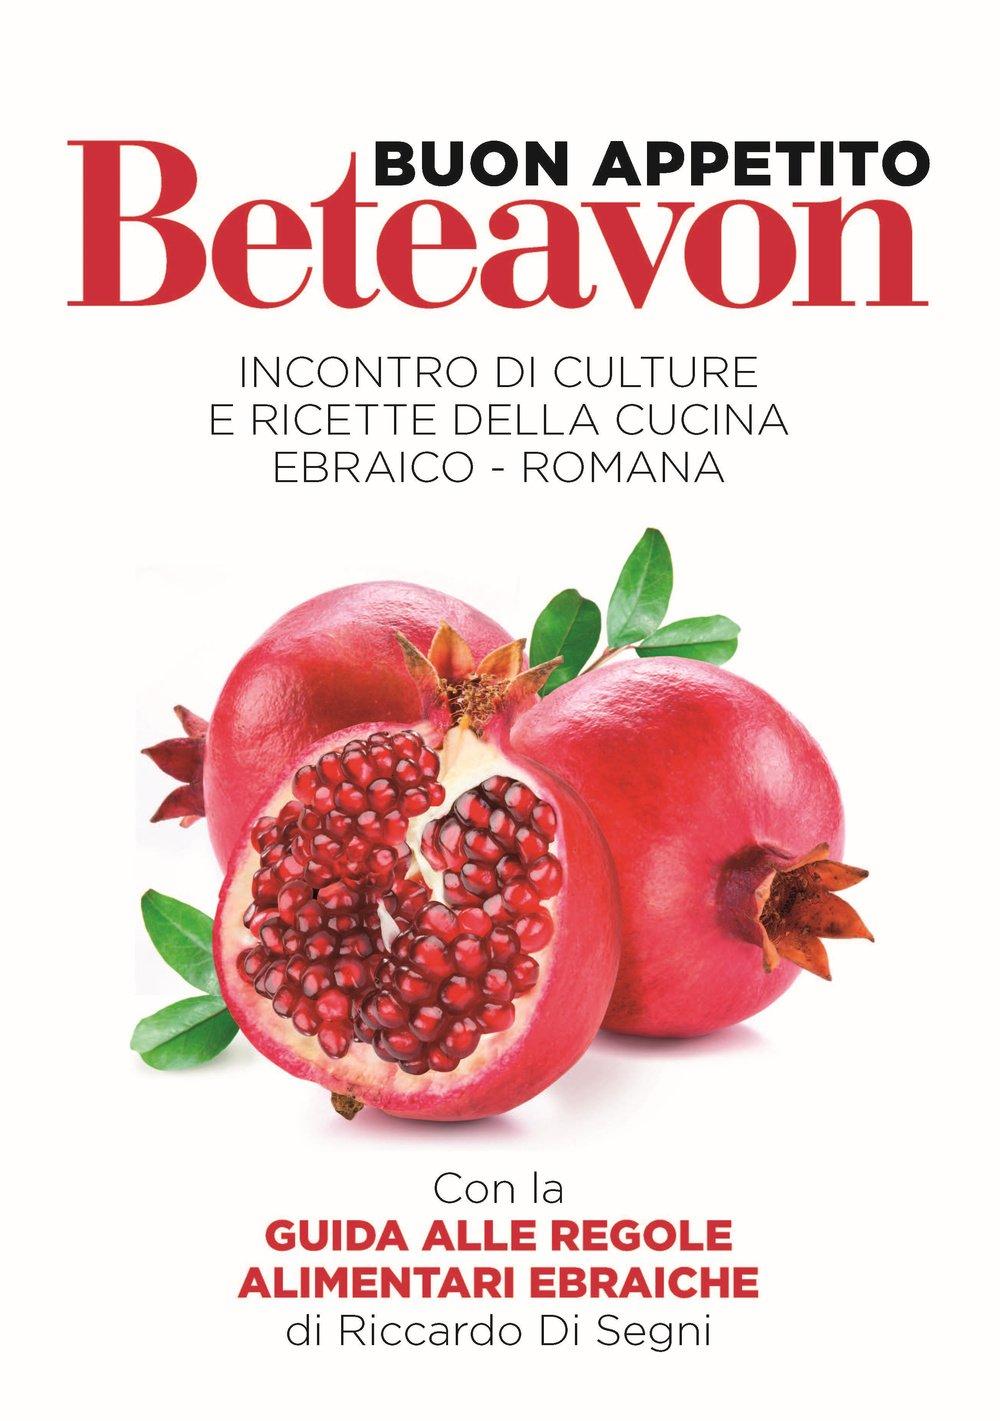 Beteavon Buon Appetito Incontro Di Culture Con Ricette Della Cucina